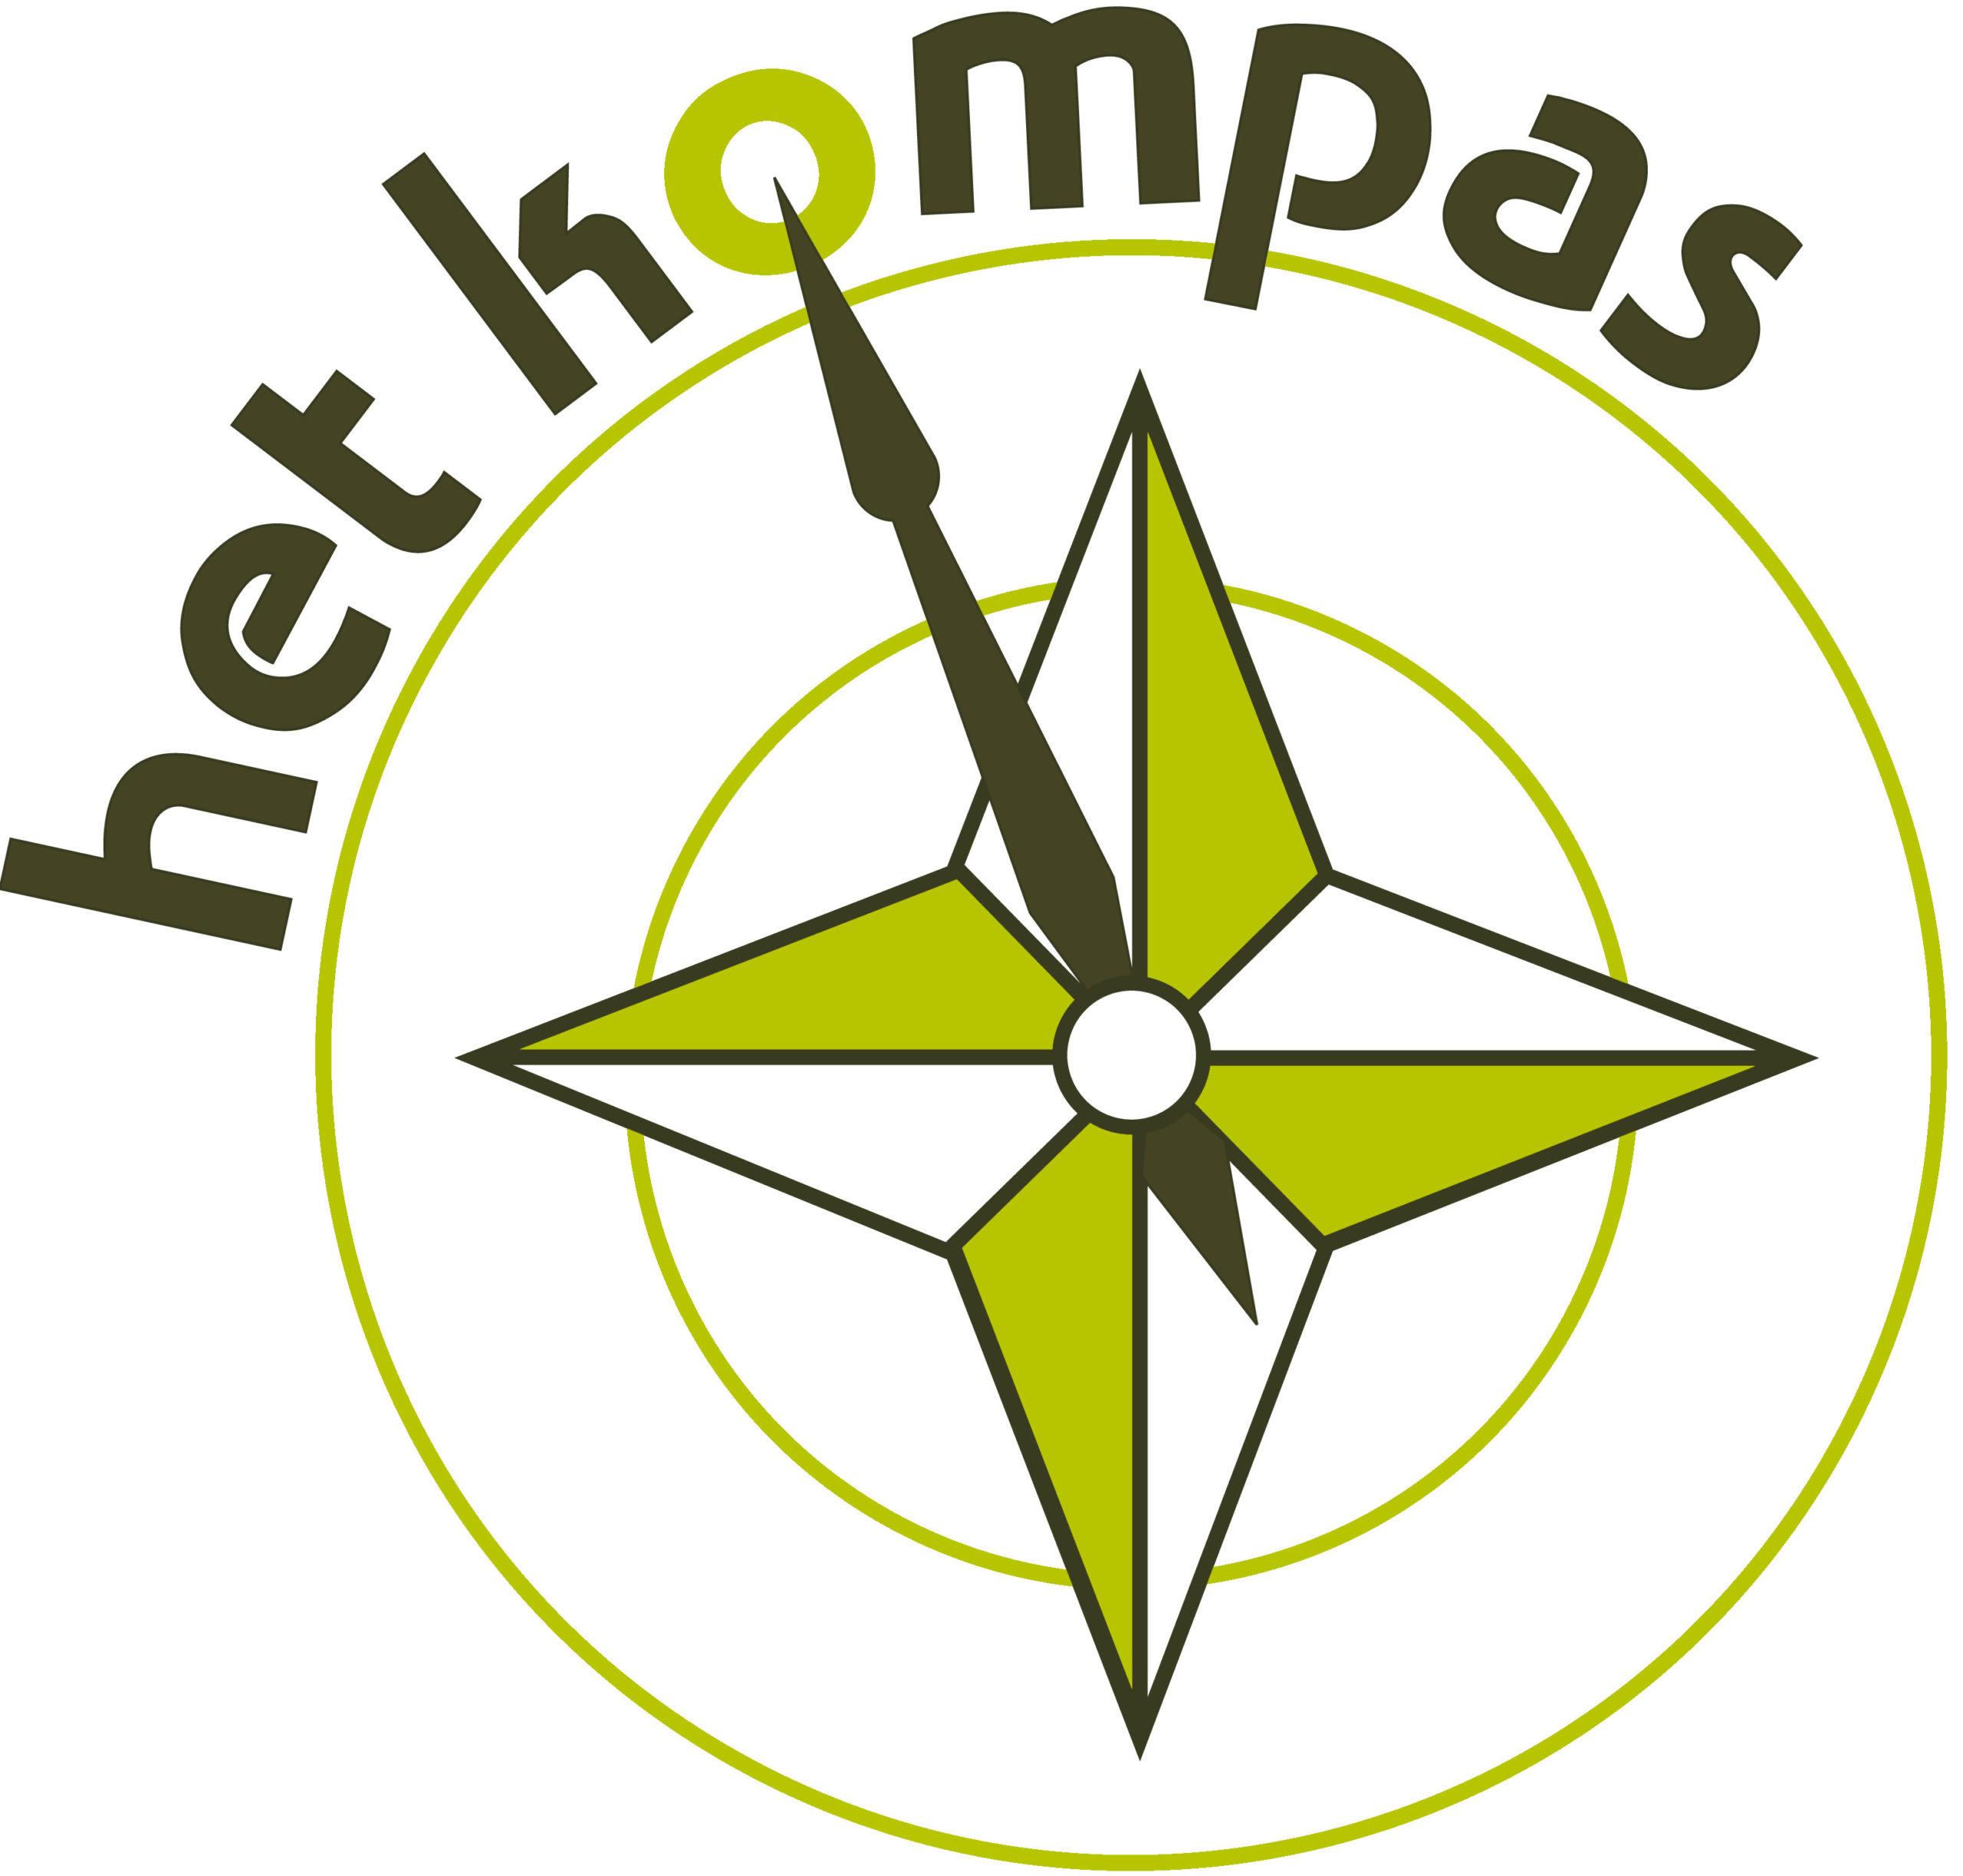 logo het kompas_new3